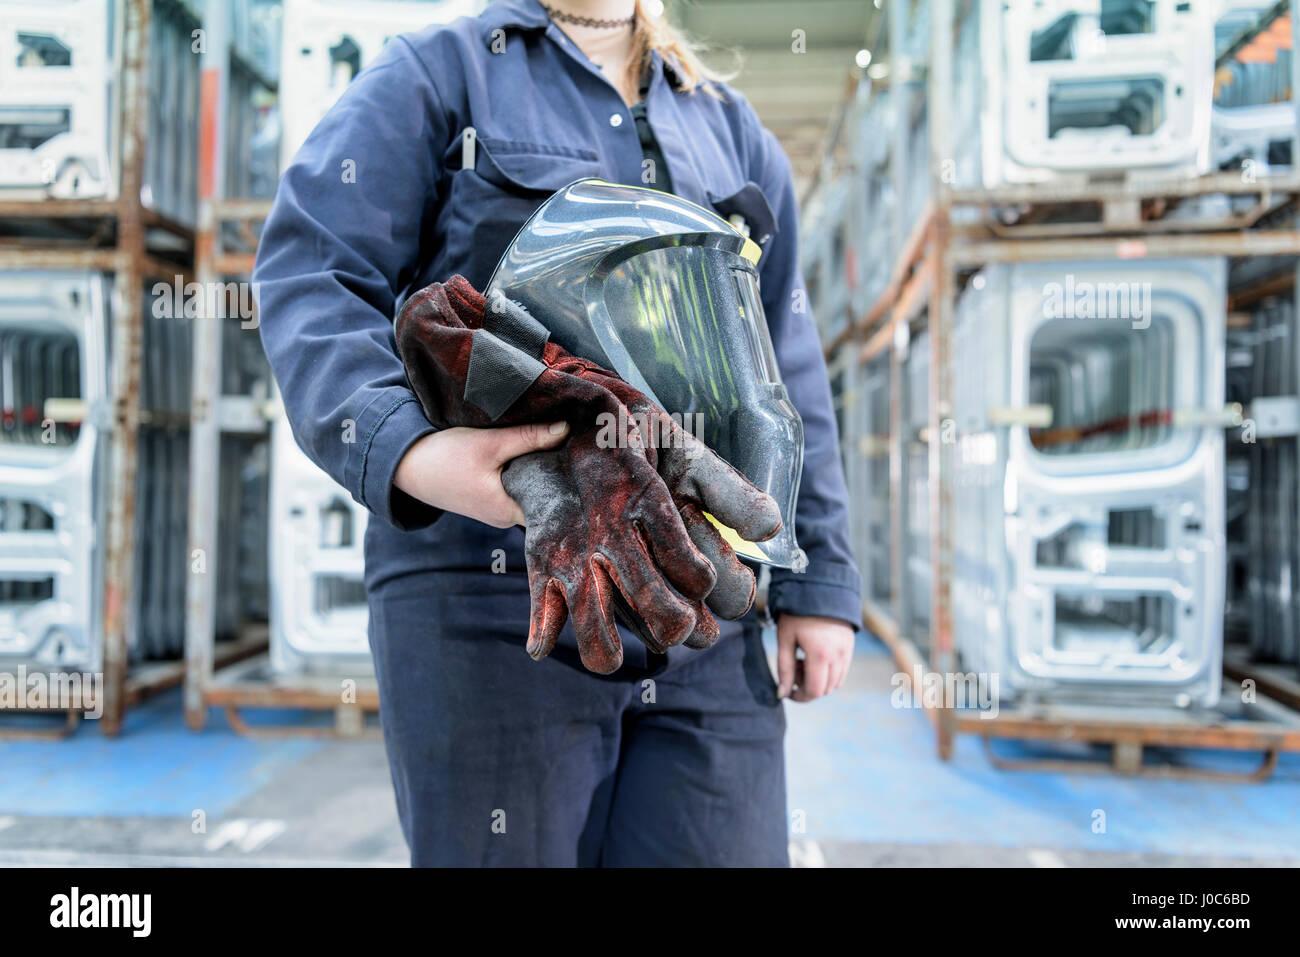 Femmina saldatore apprendista di attrezzatura di tenuta nella fabbrica di automobili Immagini Stock